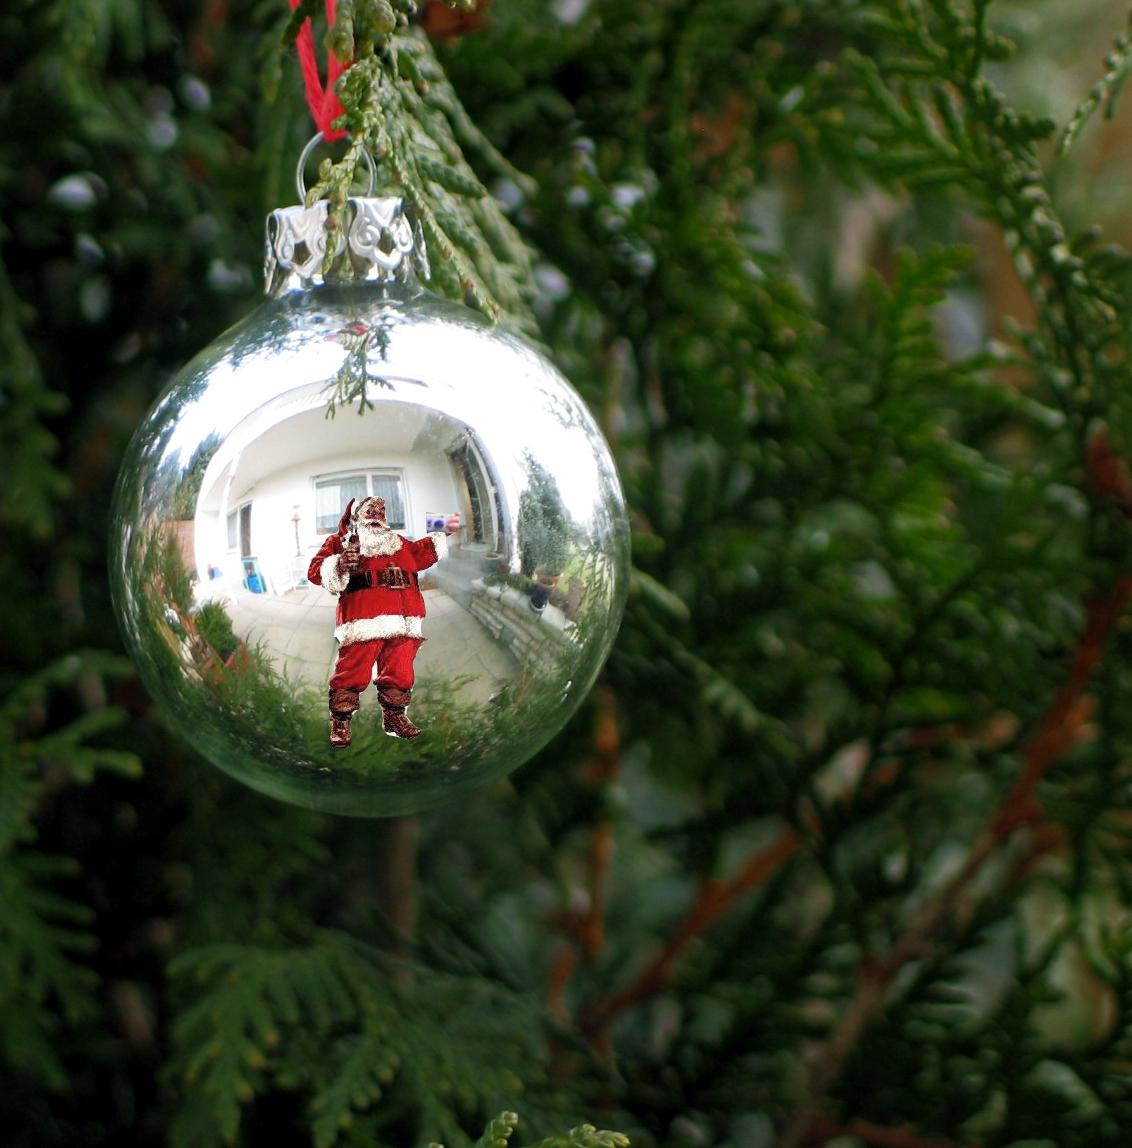 Selbstportrait . Vom Weihnachtsmann ;-) - Gersthofen innen Ursprüngliche Farbe Gewand Weihnachtsmann